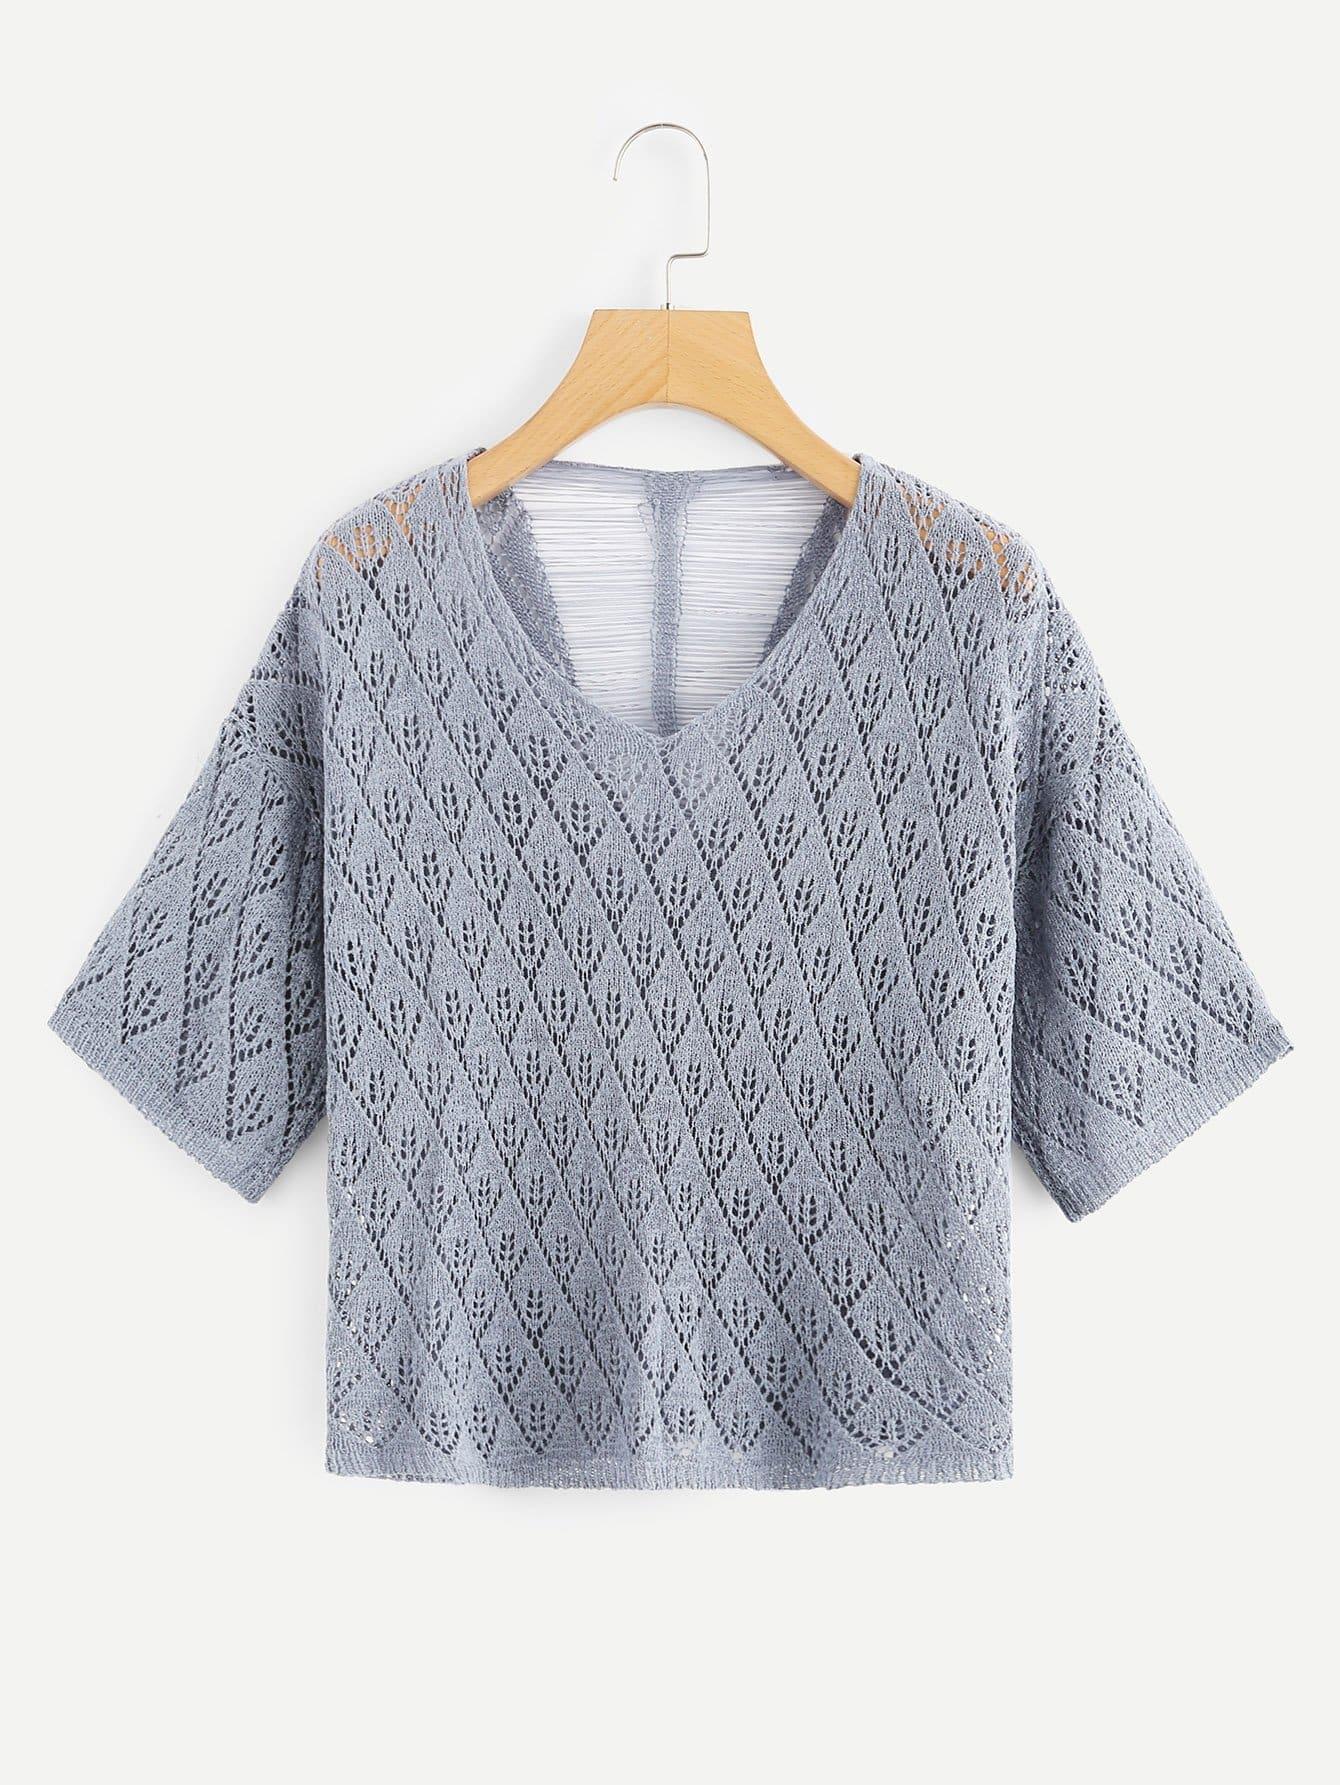 Pullover mit sehr tief angesetzter Schulterpartie und geripptem Rücken